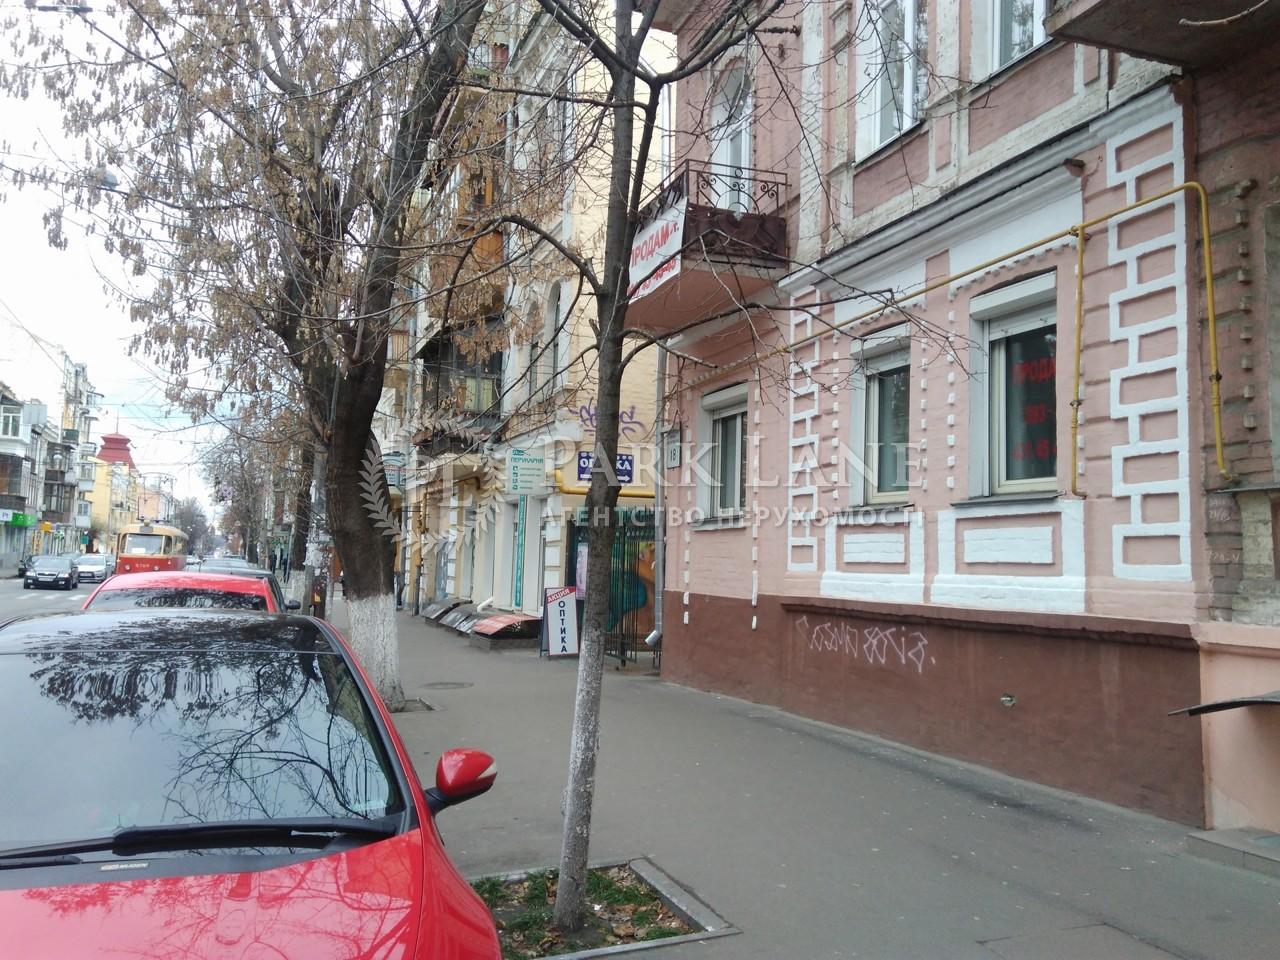 Офіс, вул. Костянтинівська, Київ, M-1391 - Фото 1